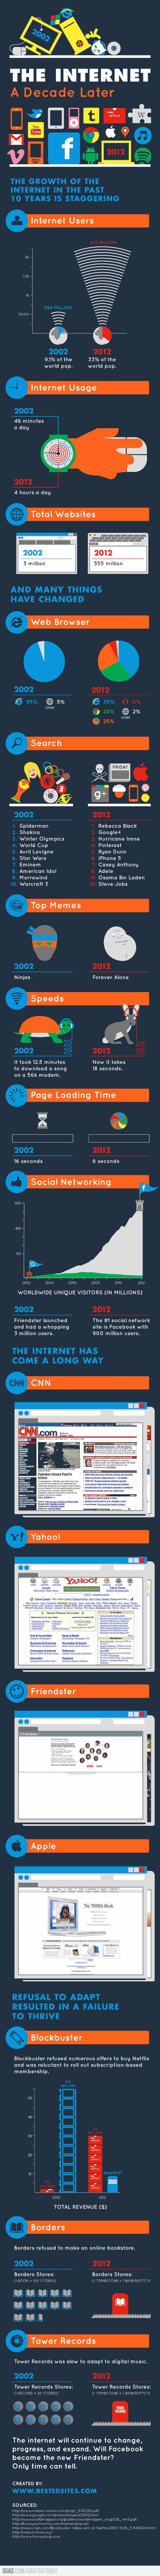 internet hostoria